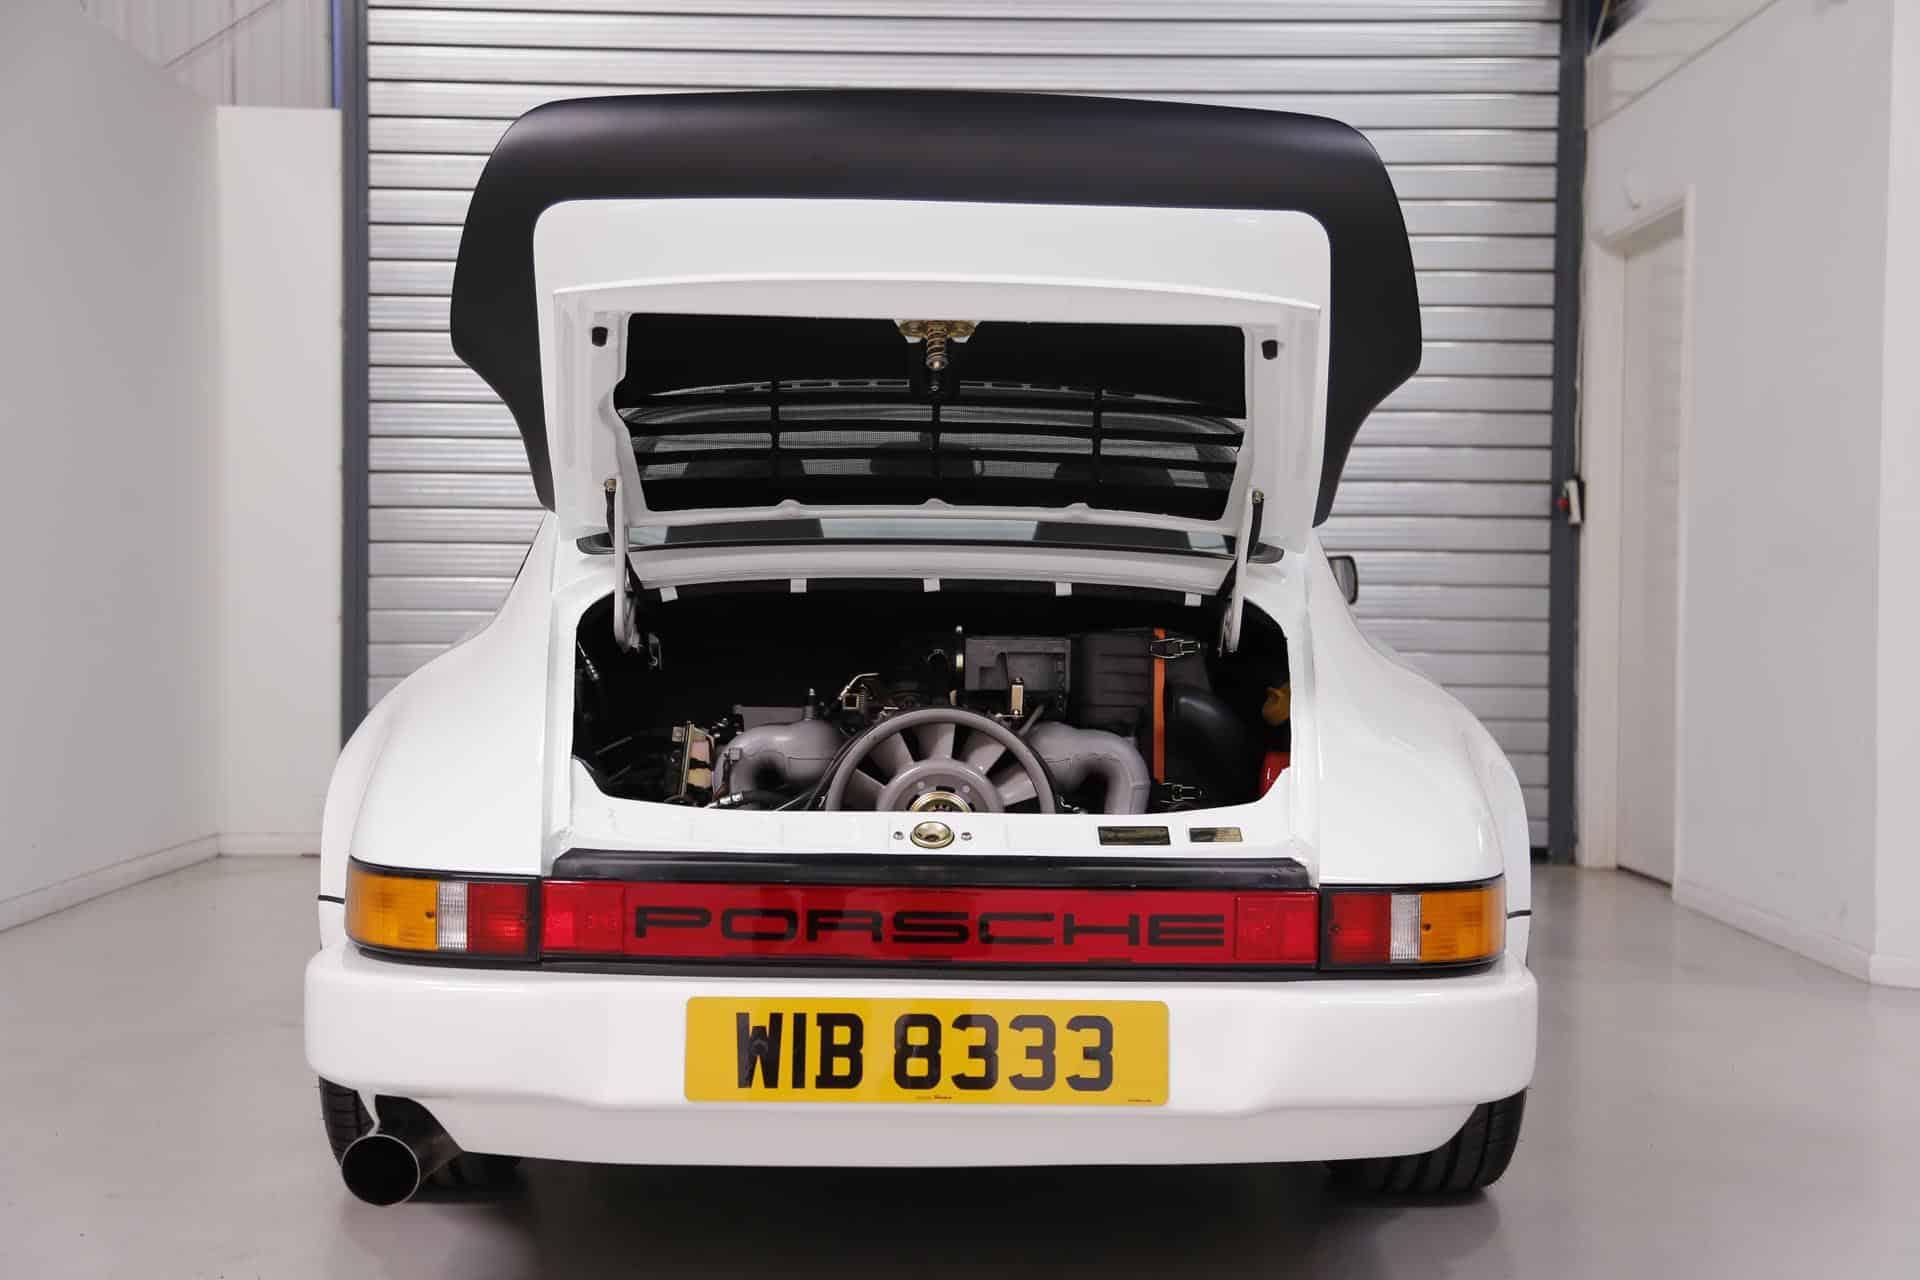 911 Carrera 3.2 Clubsport Prototype 11